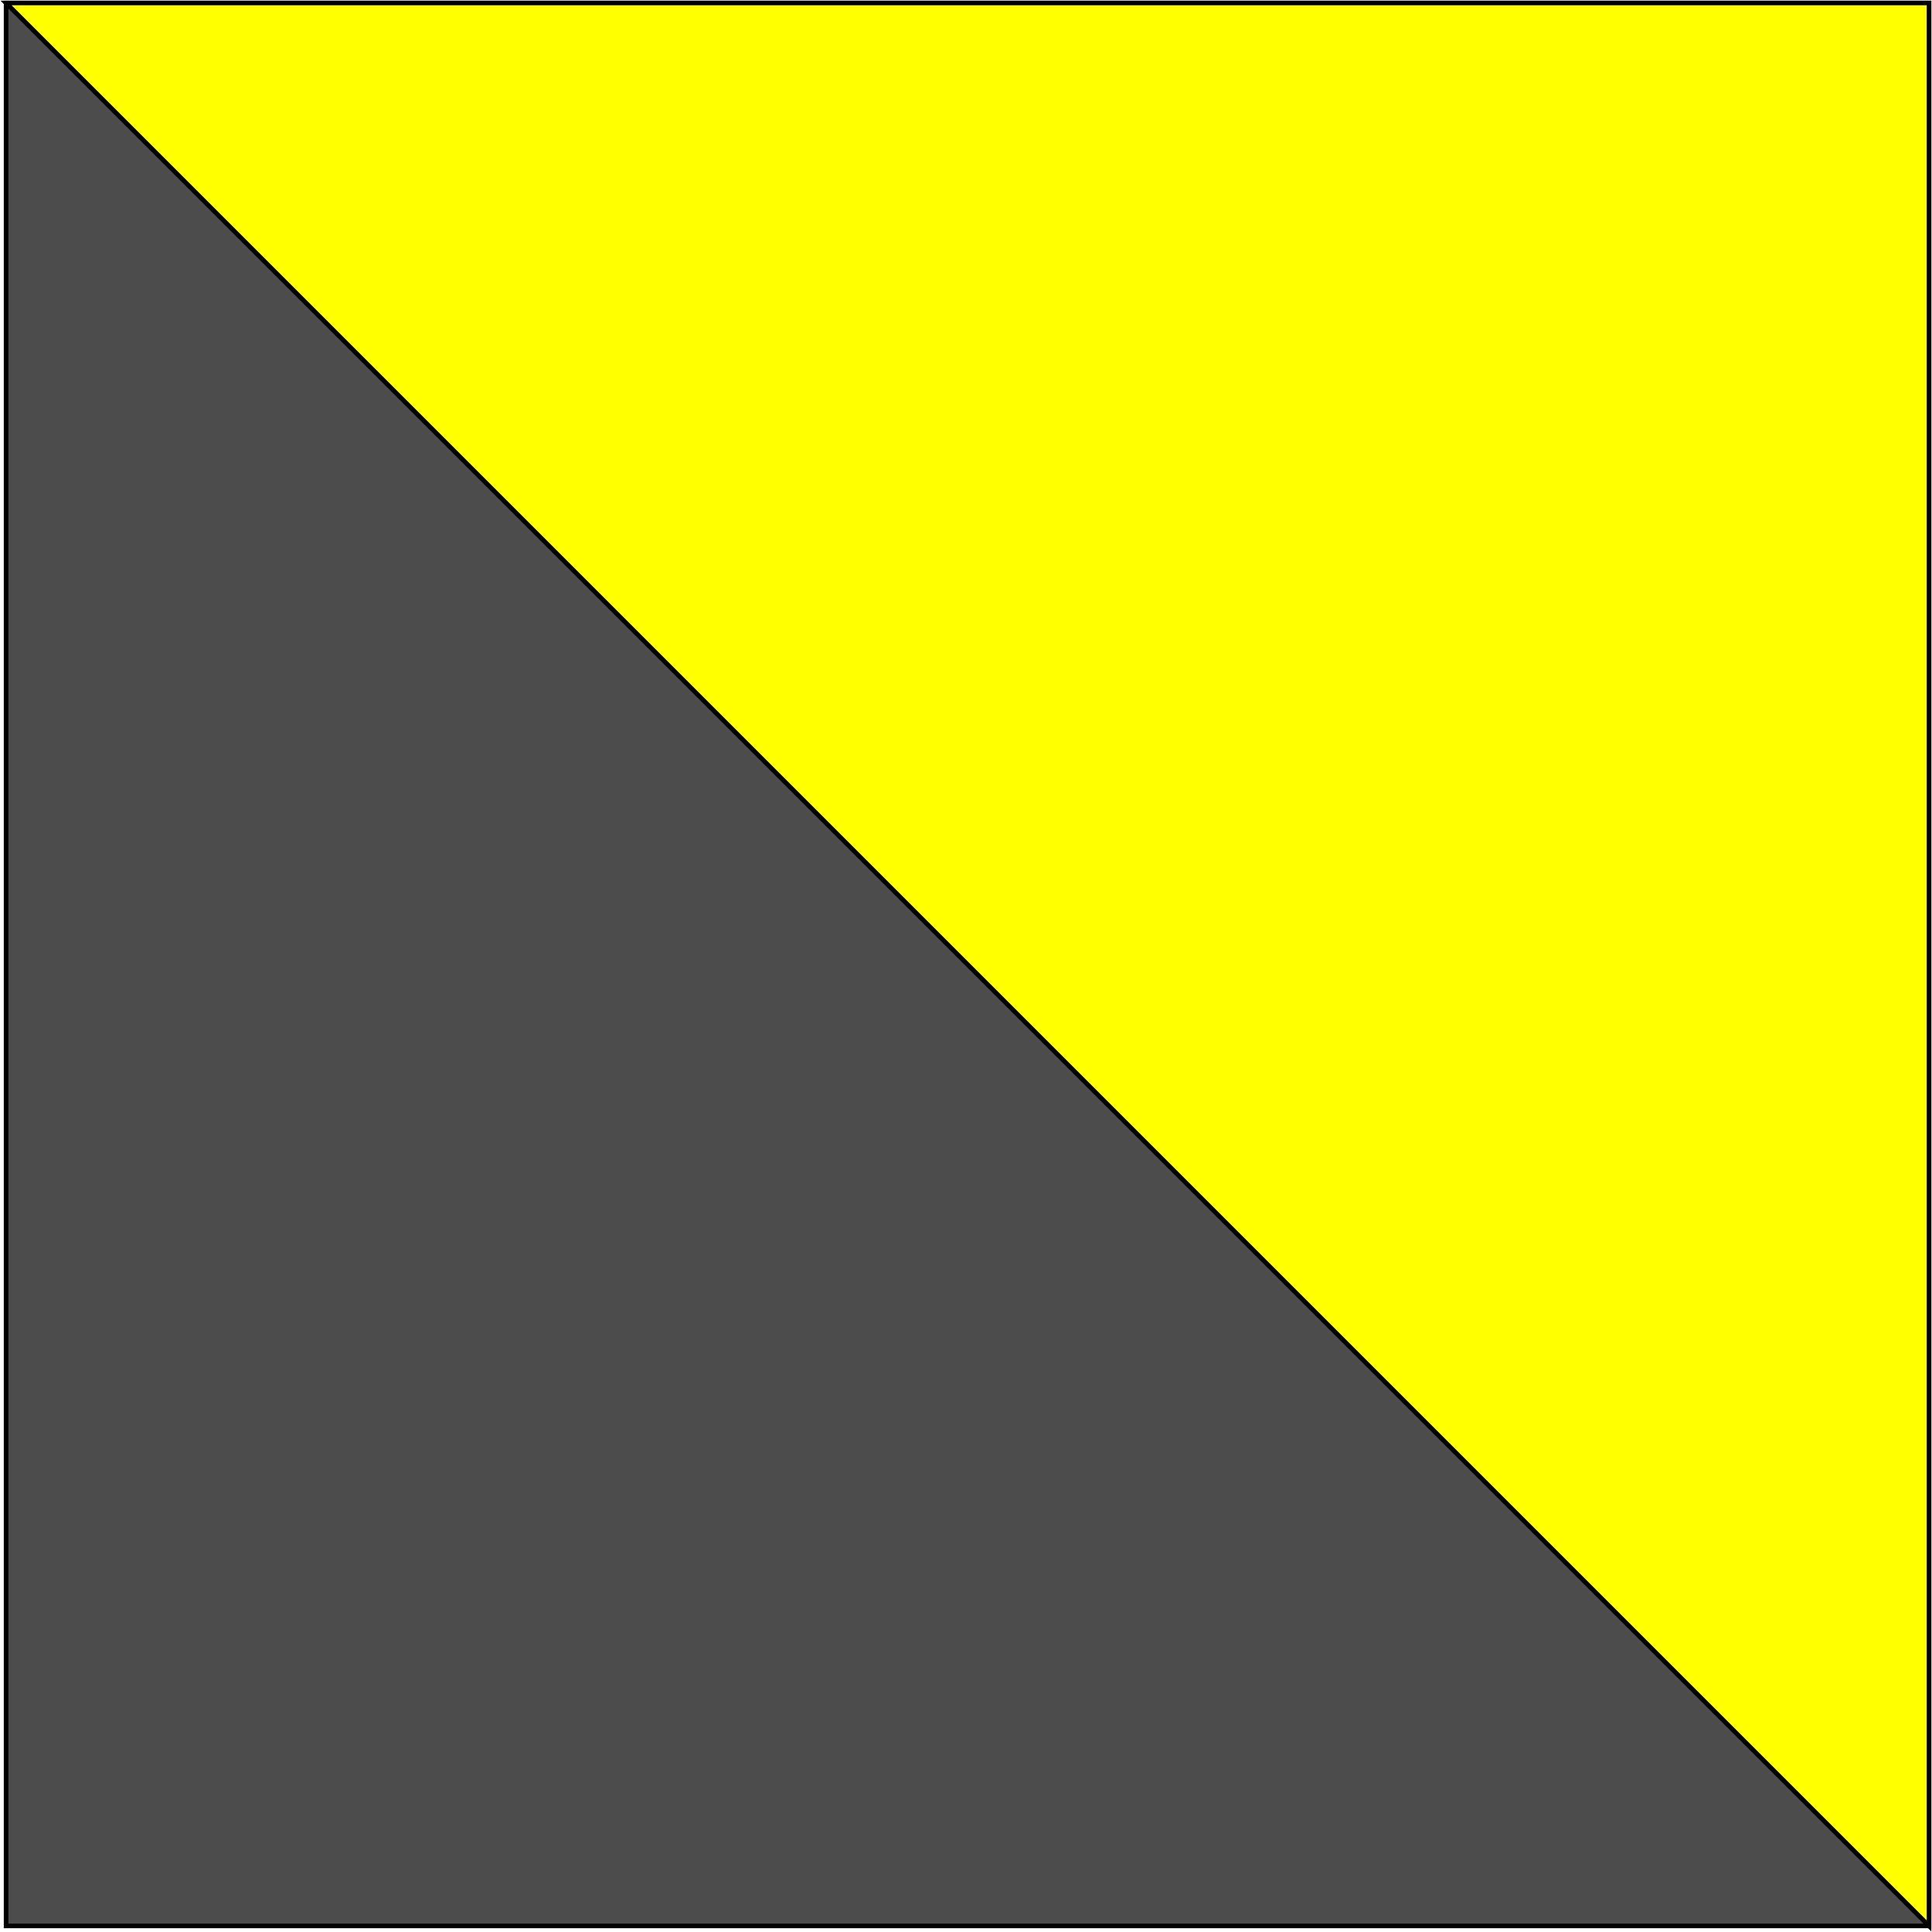 szary/żółty fluorescencyjny